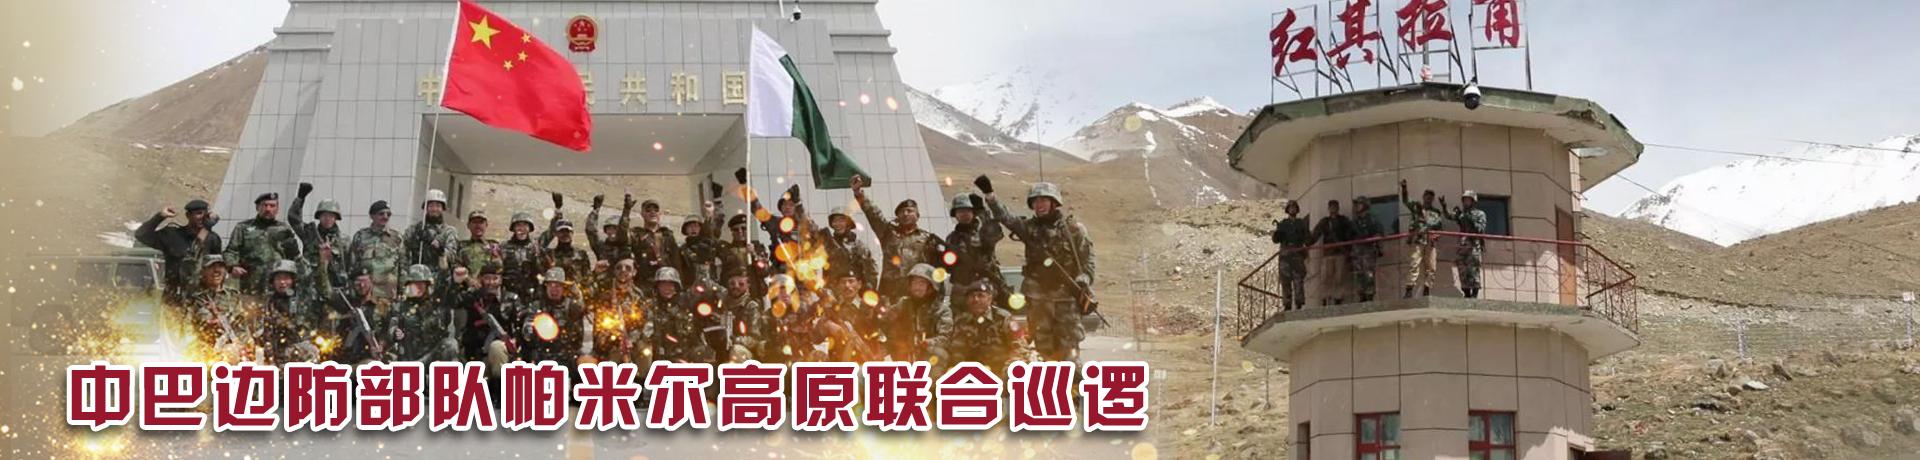 中巴边防部队帕米尔高原联合巡逻